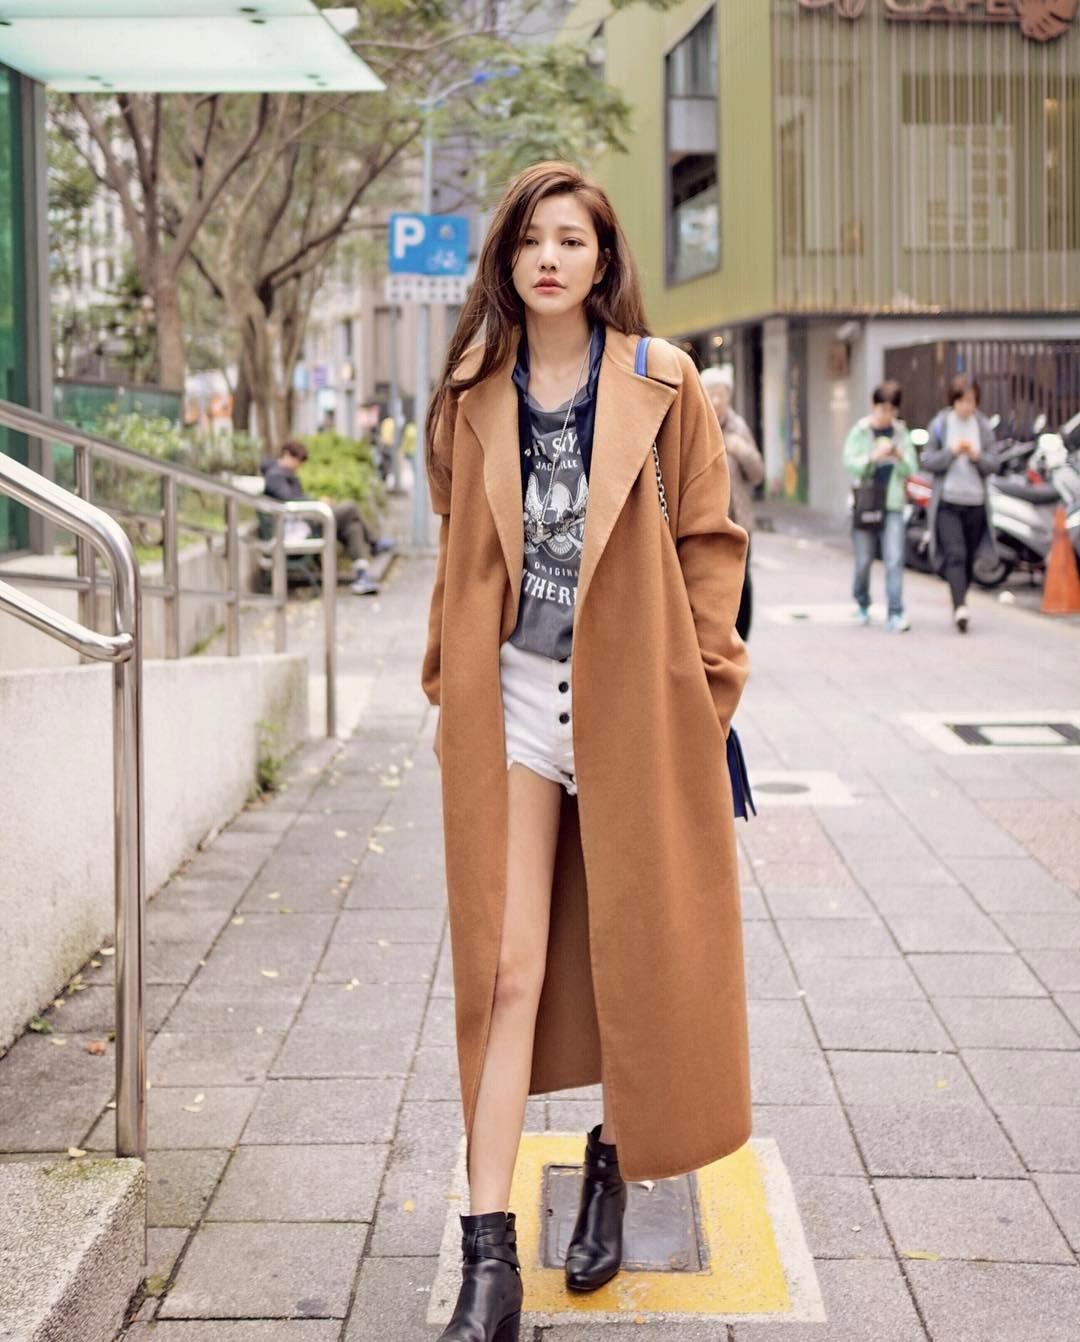 41-летняя дизайнер из Тайваня удивляет своим моложавым видом